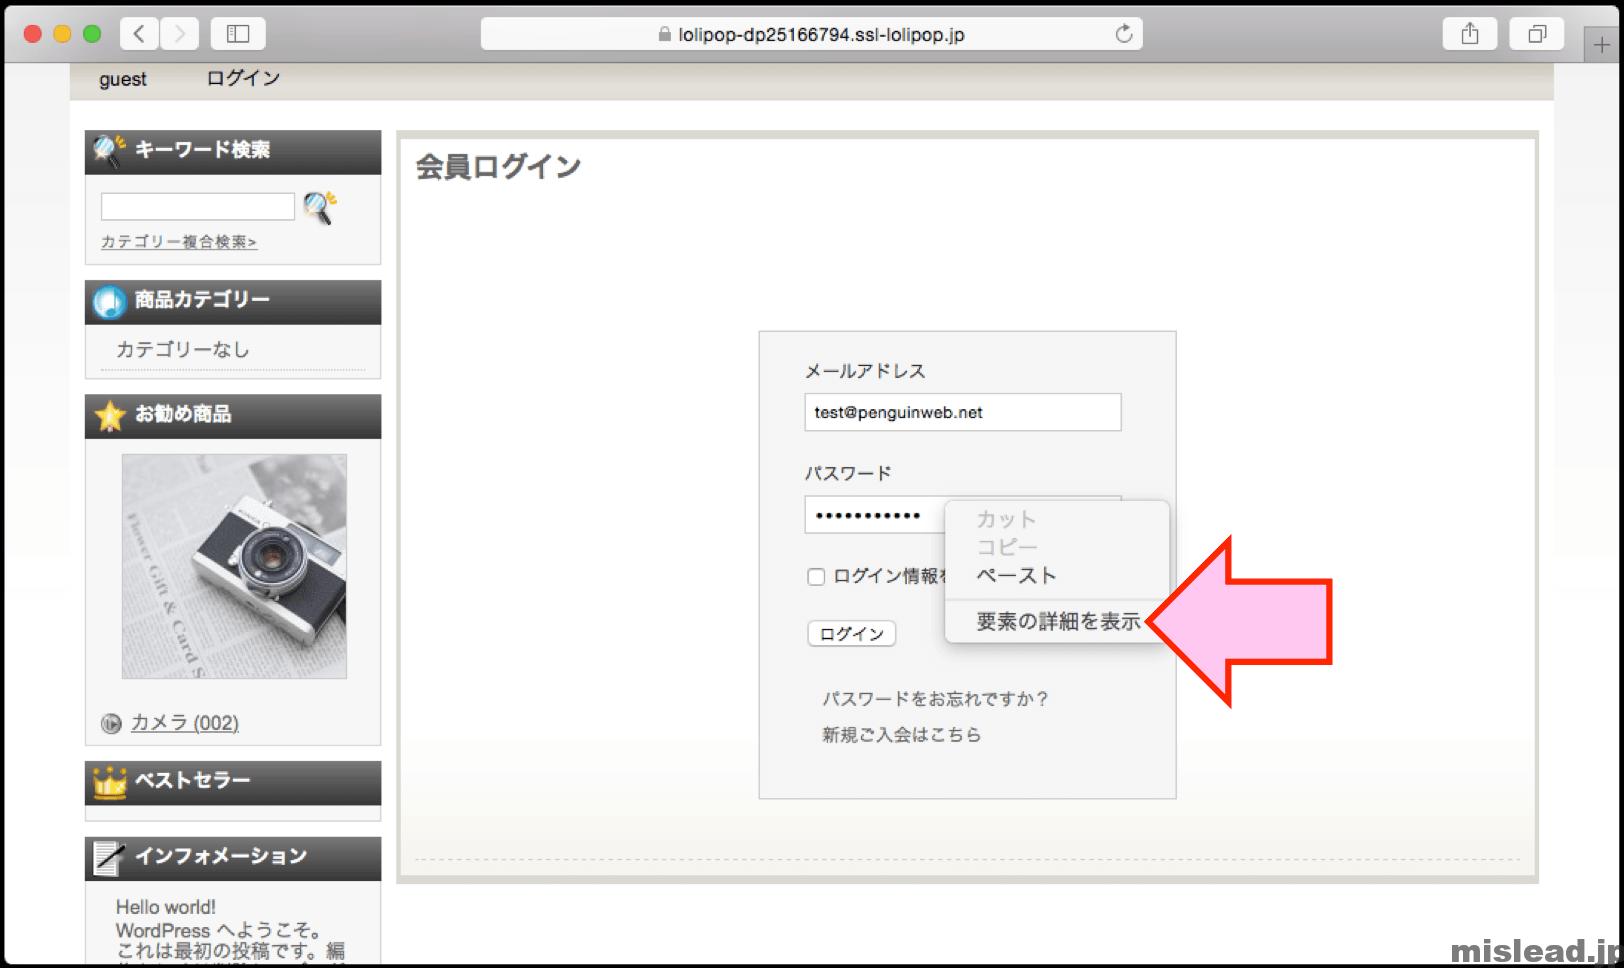 非表示になっているパスワード 右クリック